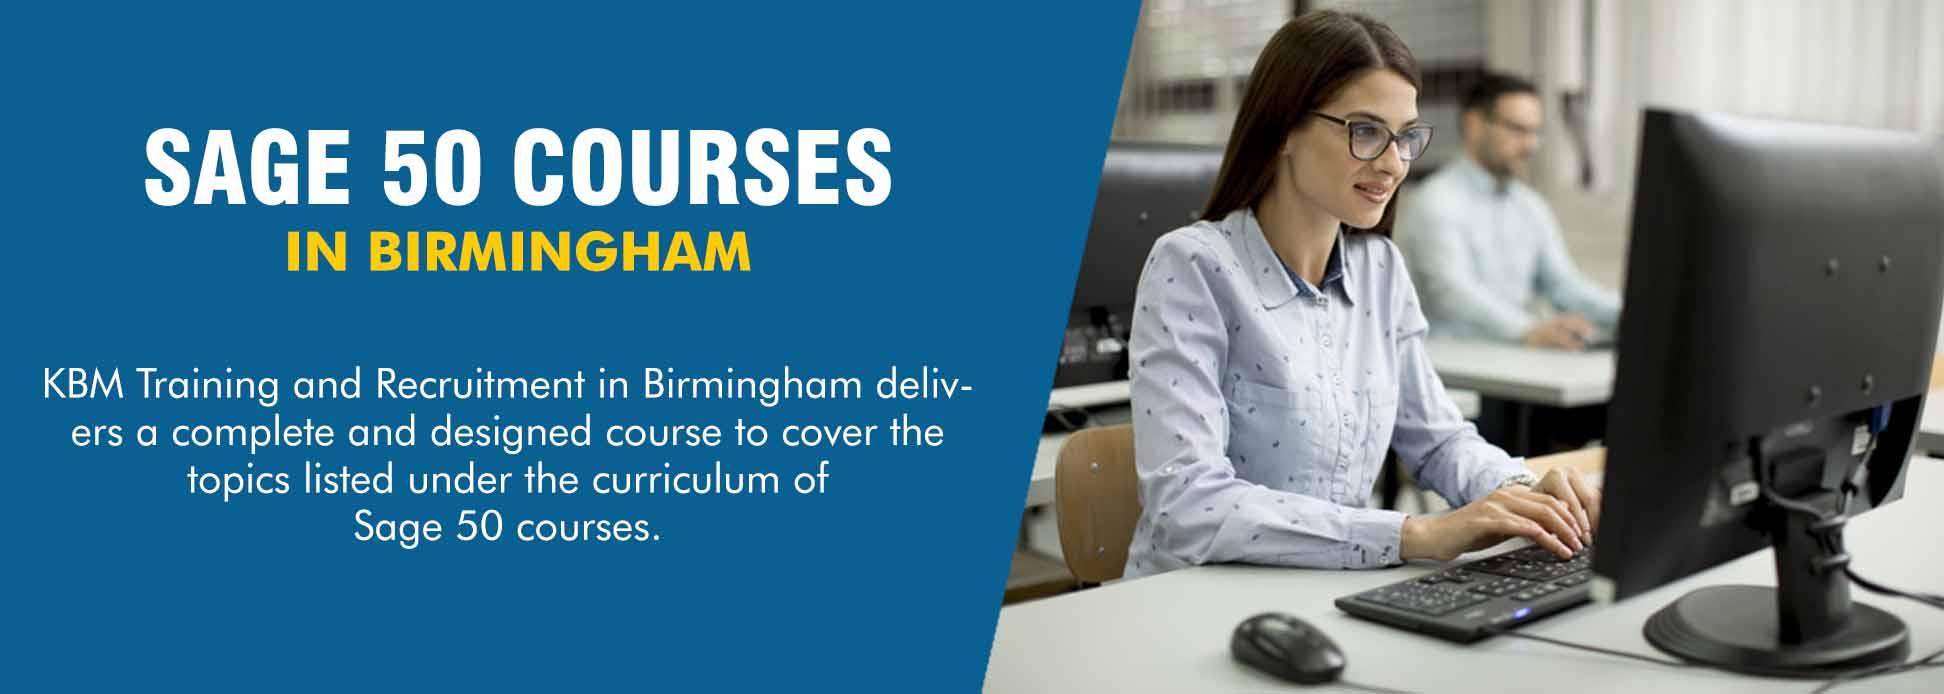 sage-50-courses-in-birmingham